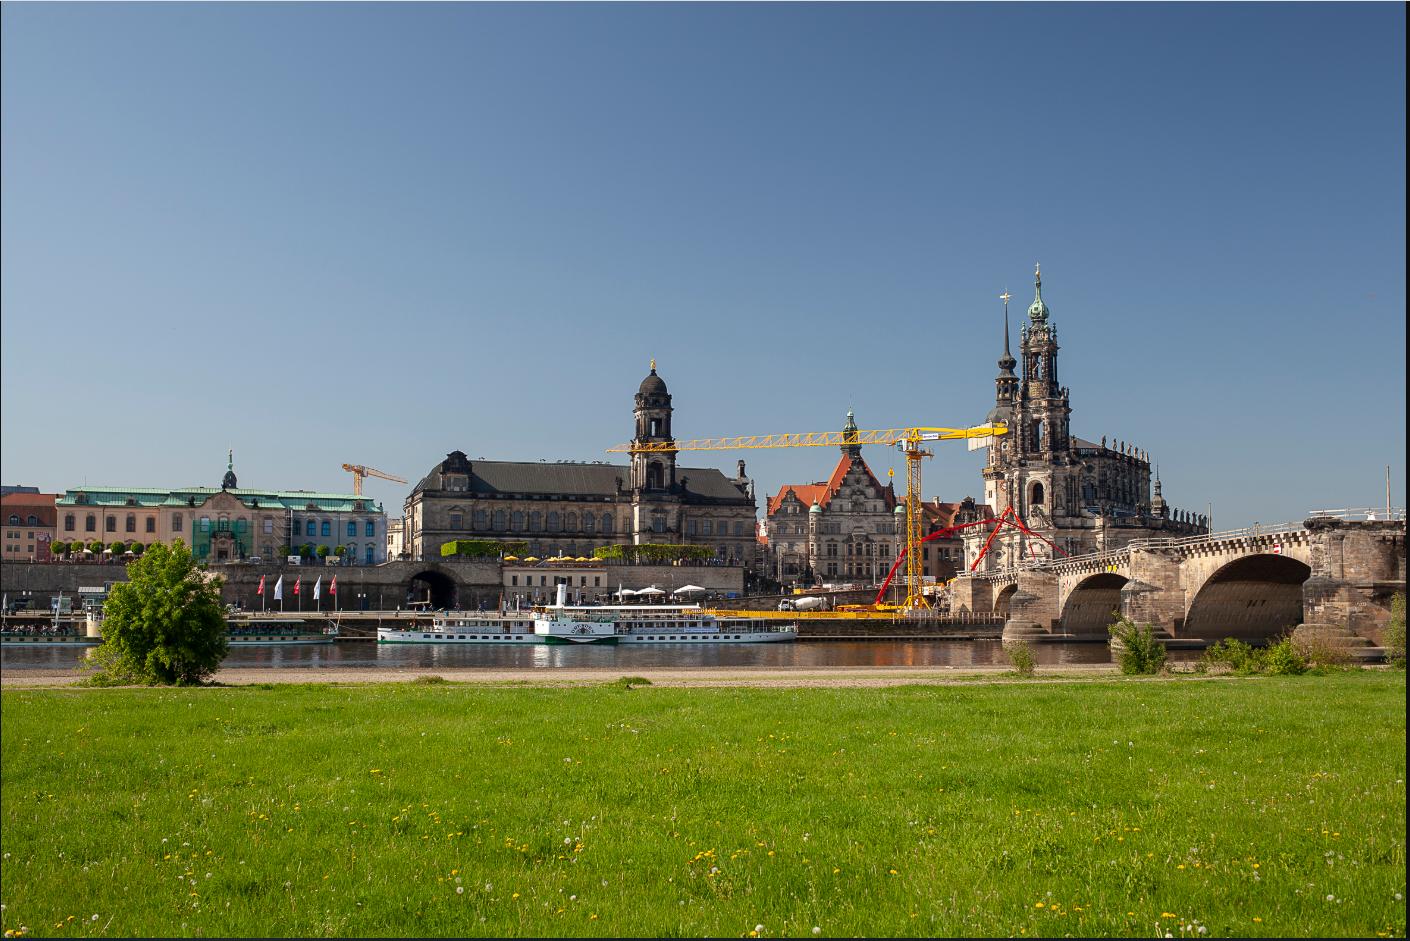 Sandsteinfarbener Beton ermöglicht die denkmalgerechte Sanierung der Augustusbrücke in Dresden. Der neue Brückenbogen passt sich harmonisch ein. (Foto: CEMEX Deutschland AG / Sebastian Lechler)